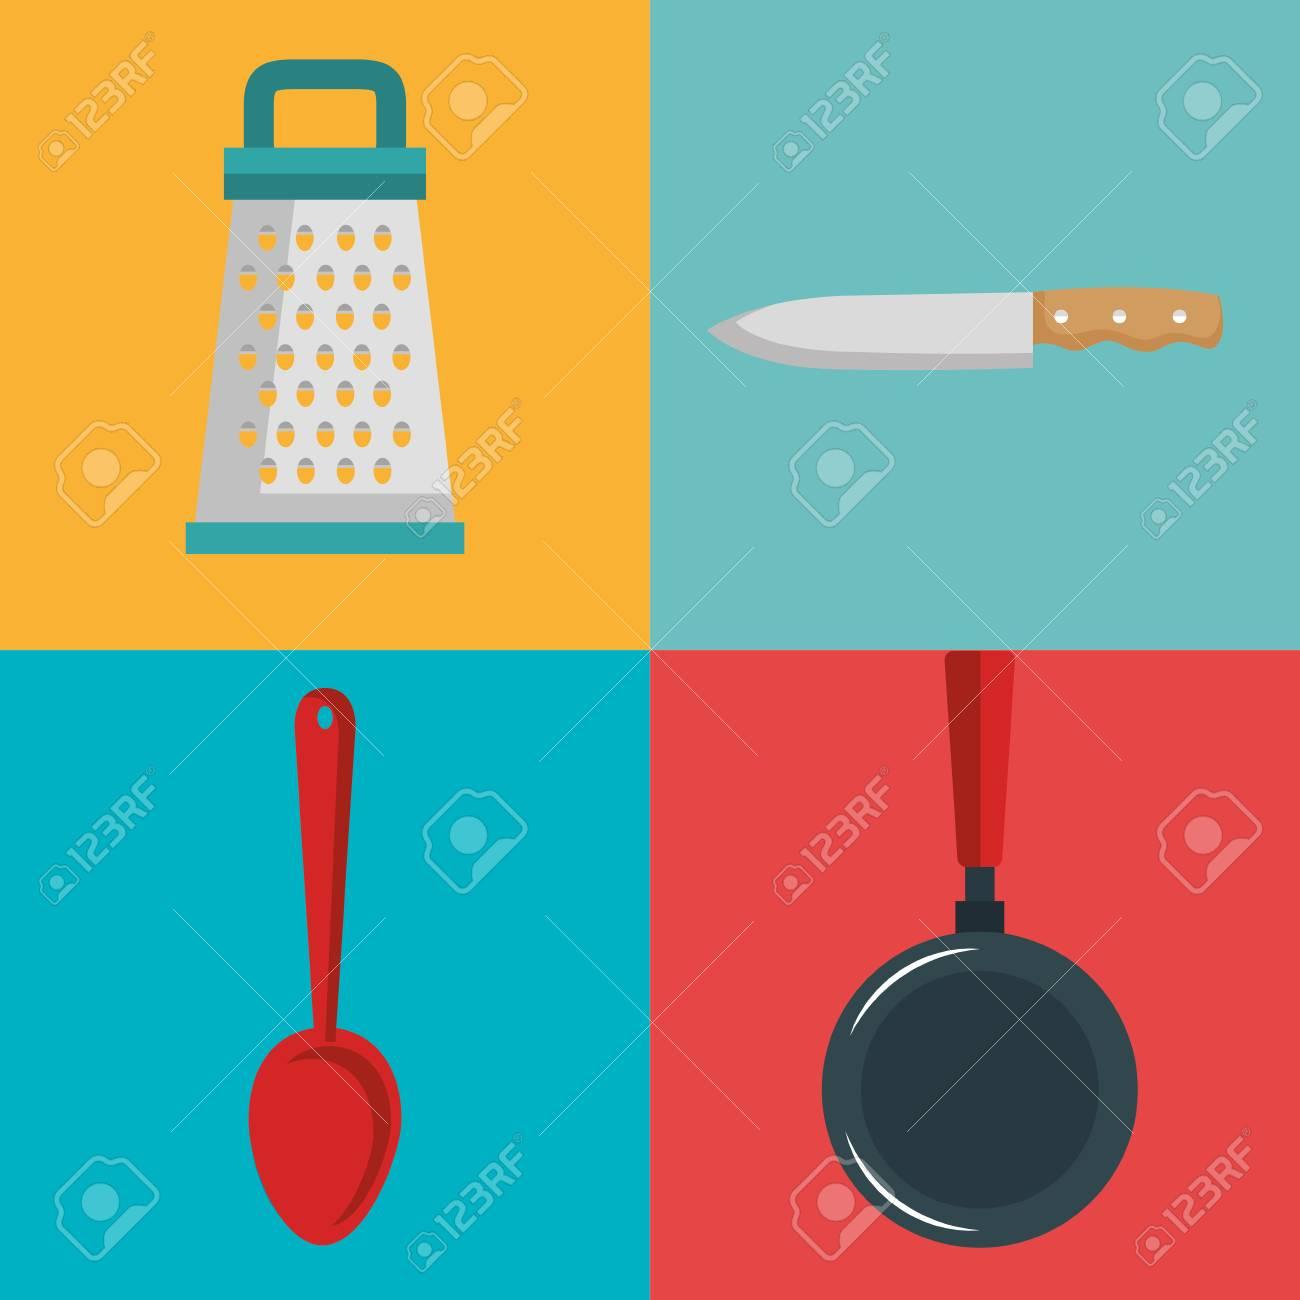 Utensilios de cocina diseño sobre fondo colorido ilustración vectorial